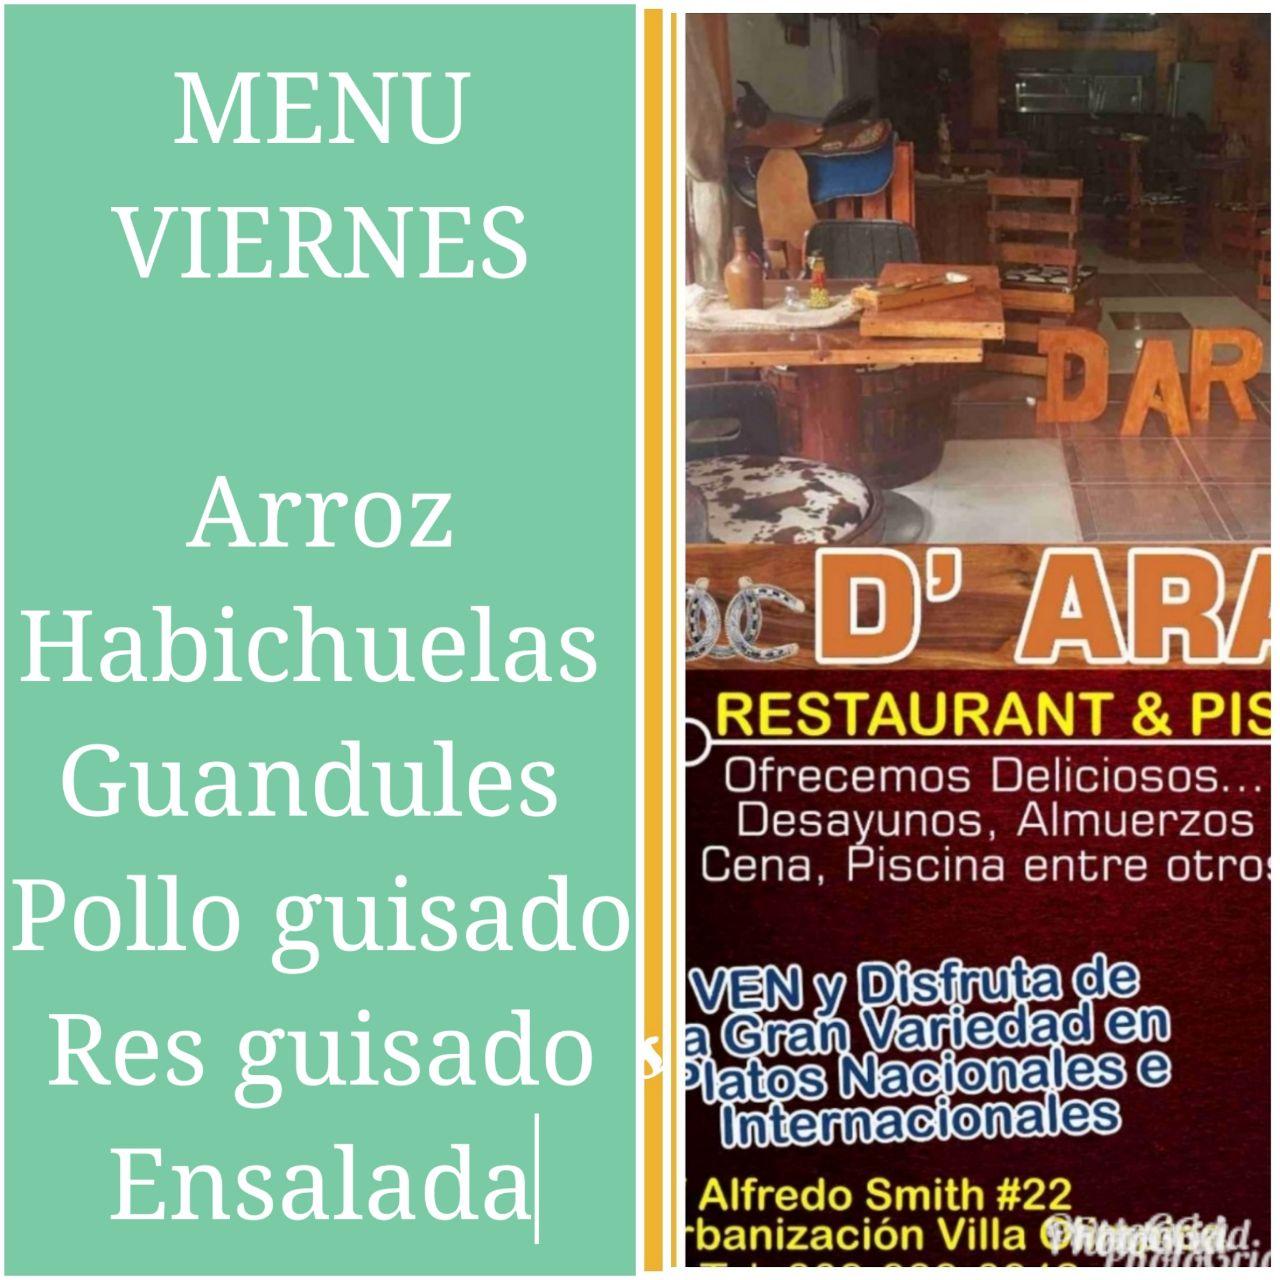 BAR Piscina ARA.  En la Calles Lafredito SMITH  # 22 cerca hotel la Villa,  INVI CEA